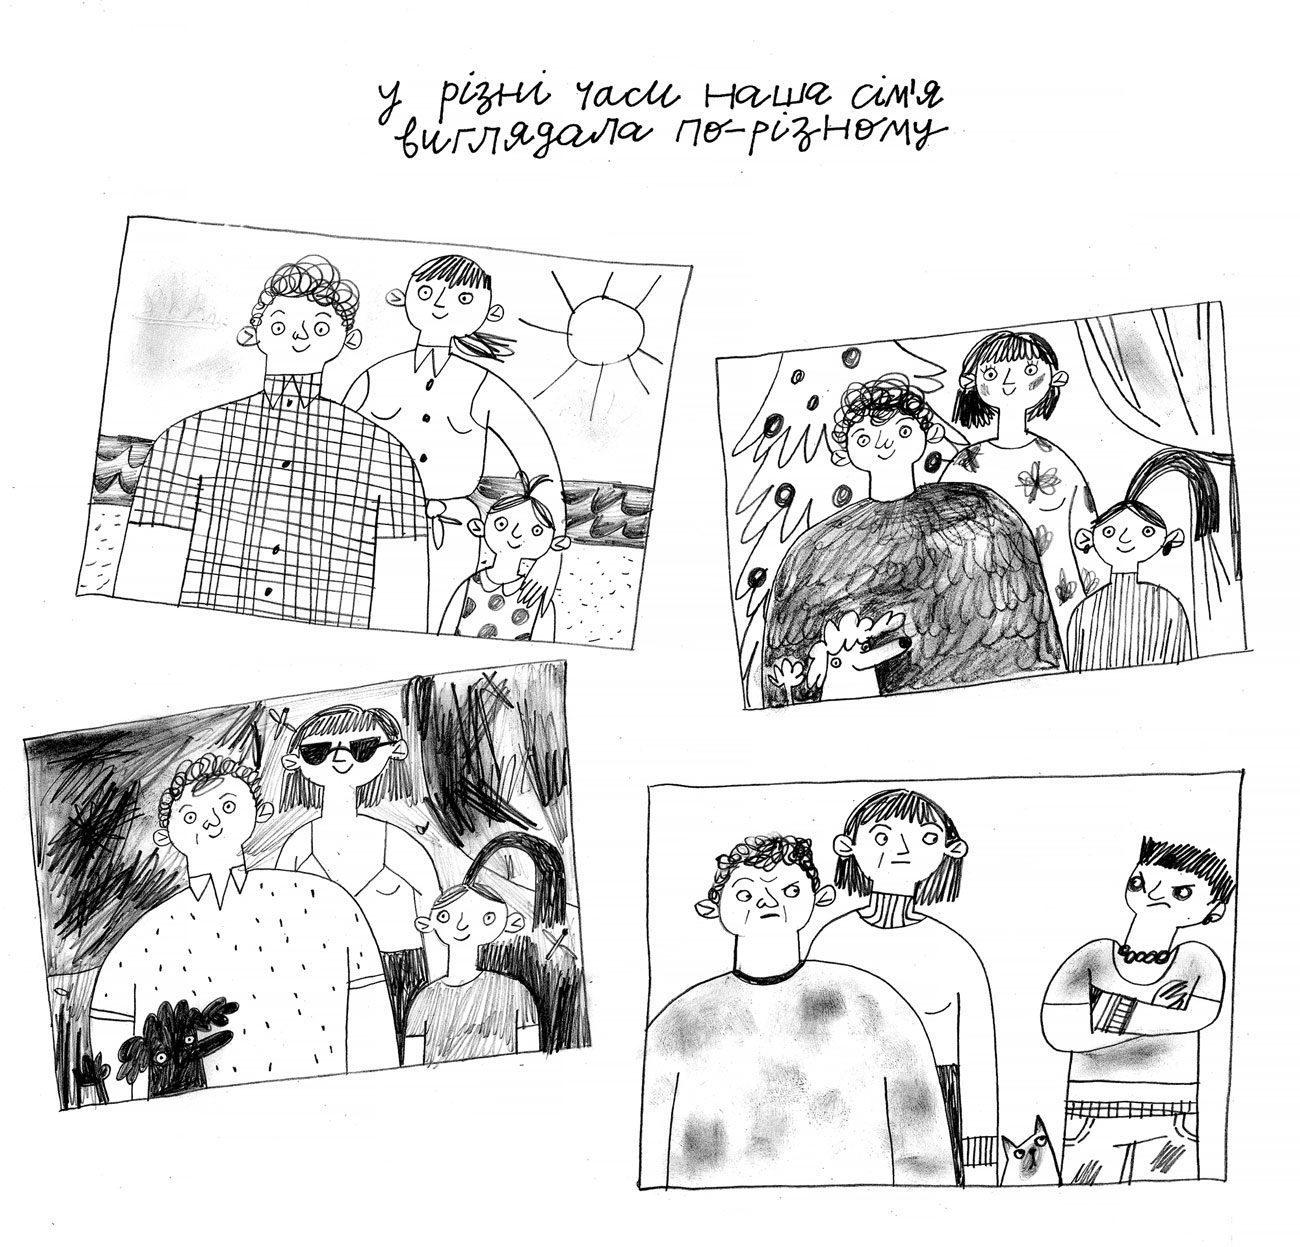 comics oliynik 03 1 - <b>Вам дісталася сумна дитина.</b> Комікс Жені Олійник про те, як депресія впливає на стосунки - Заборона